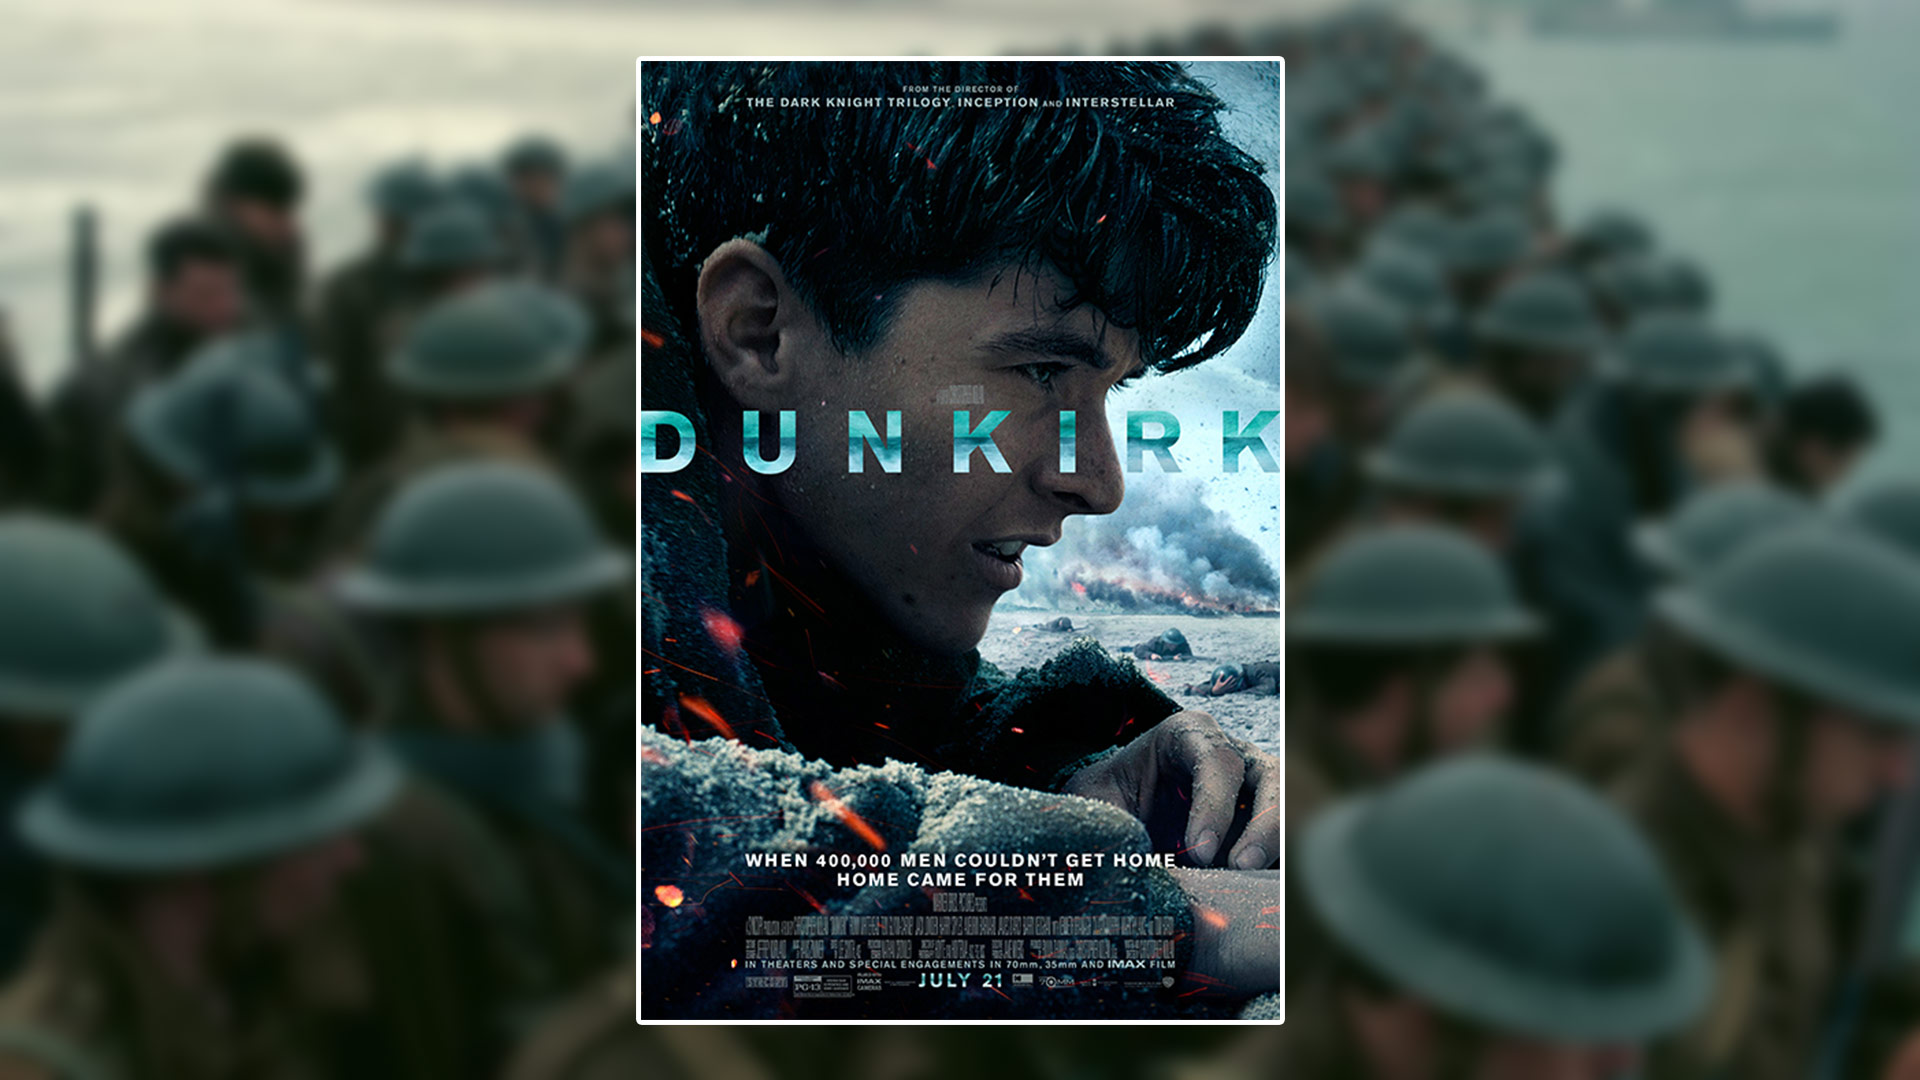 [Critique Film] Dunkirk – Une expérience visuelle et sonore signée Christopher Nolan